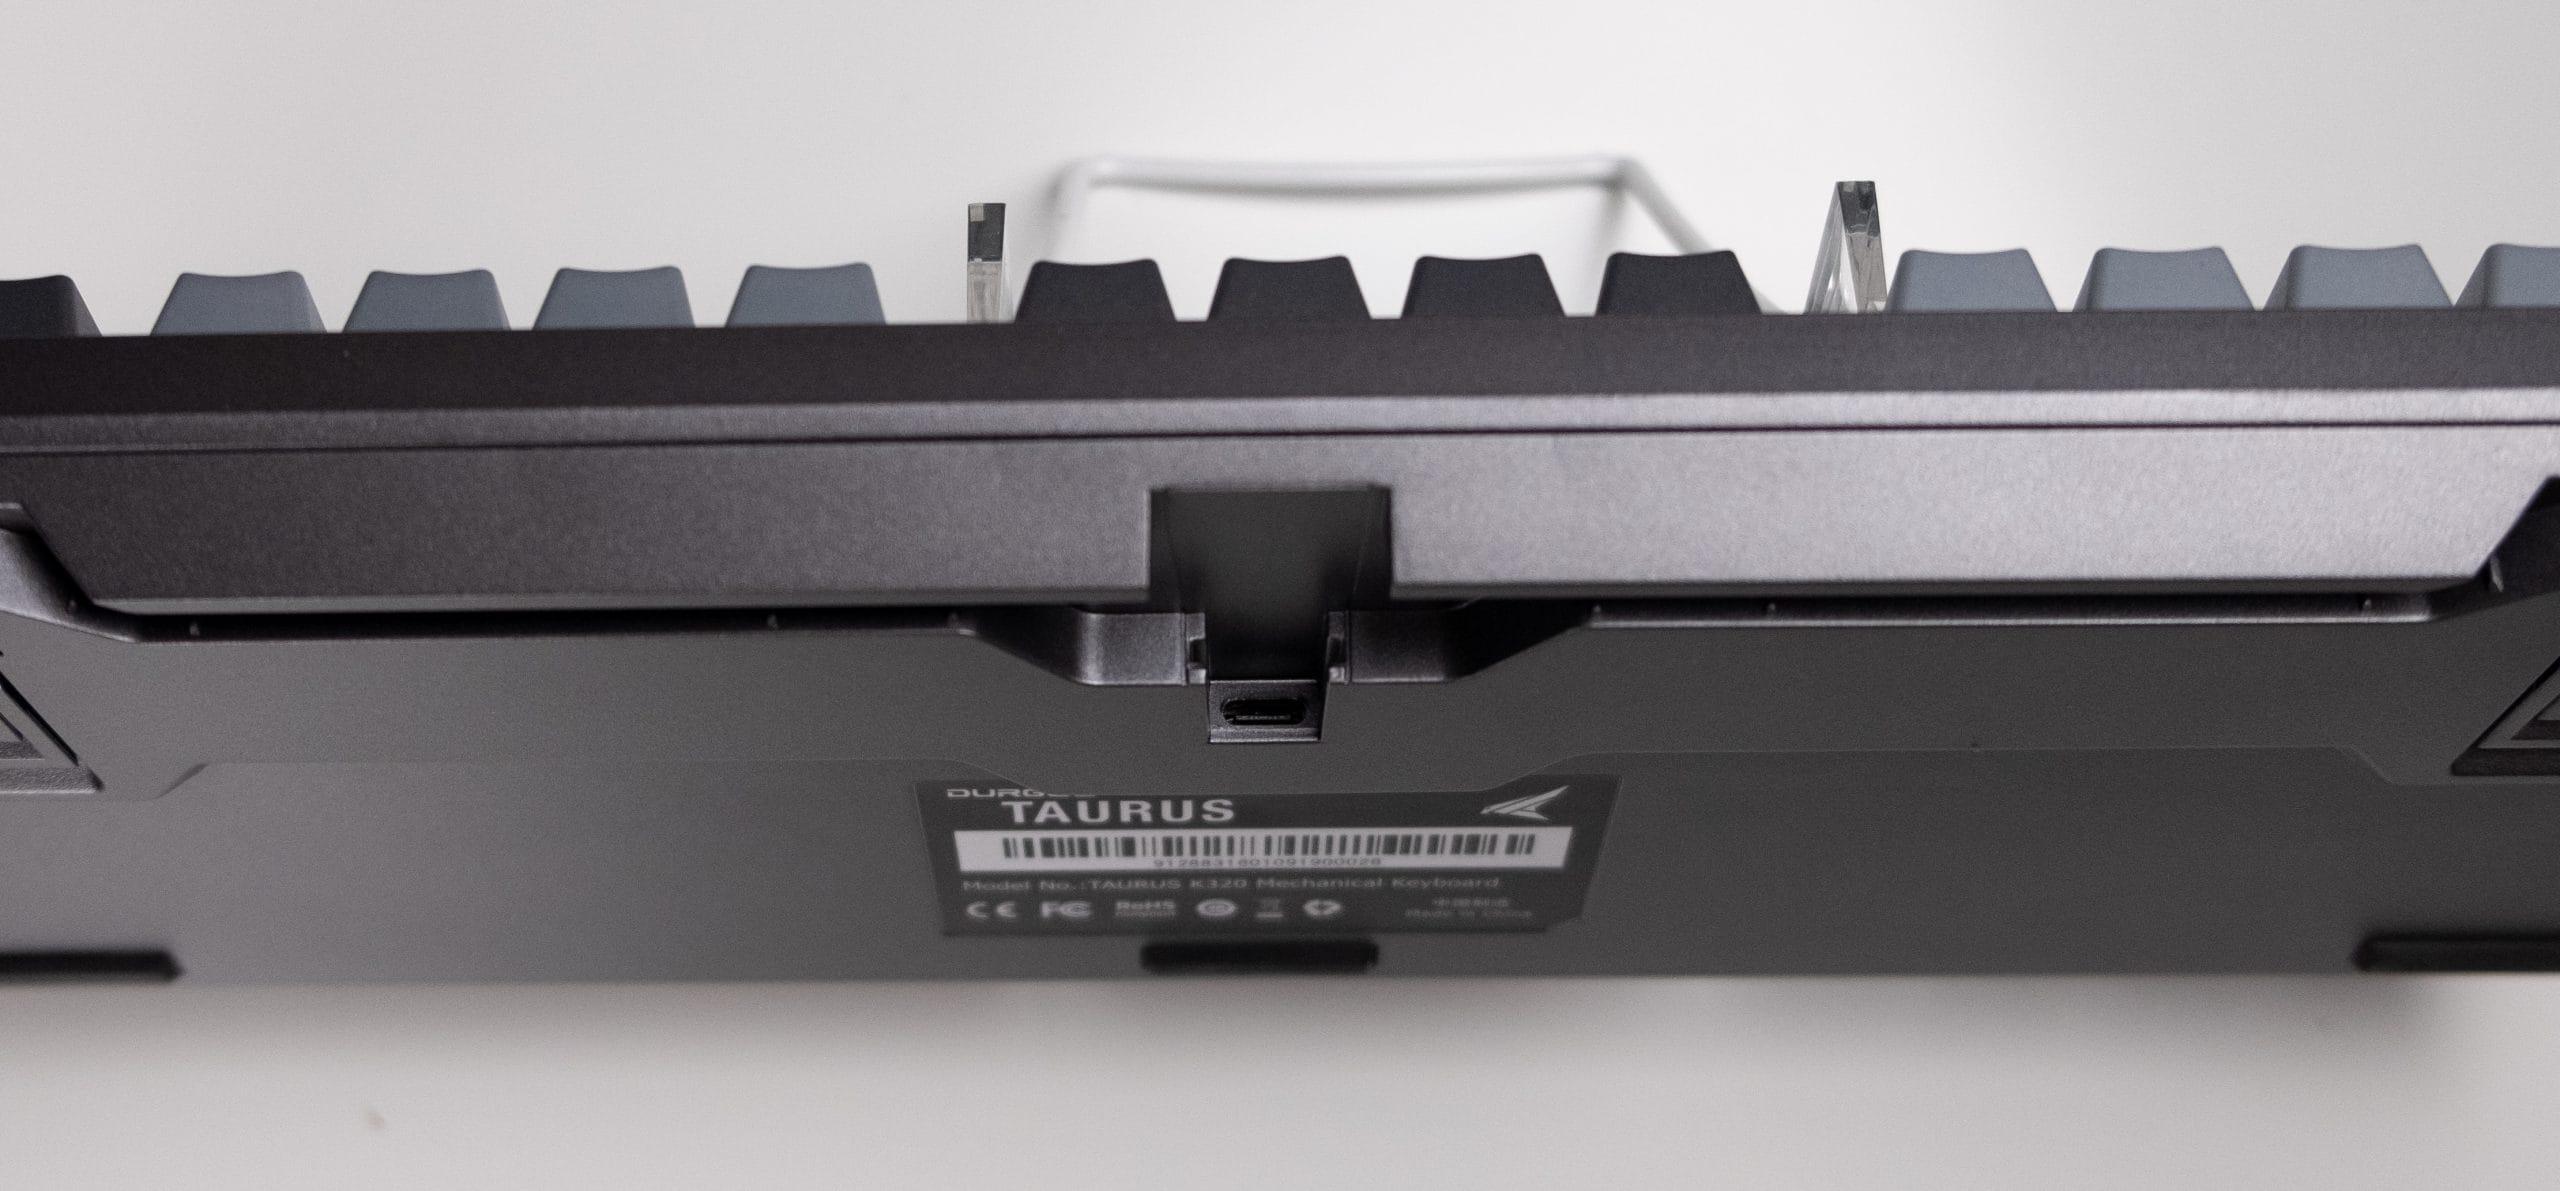 Durgod Taurus - USB port